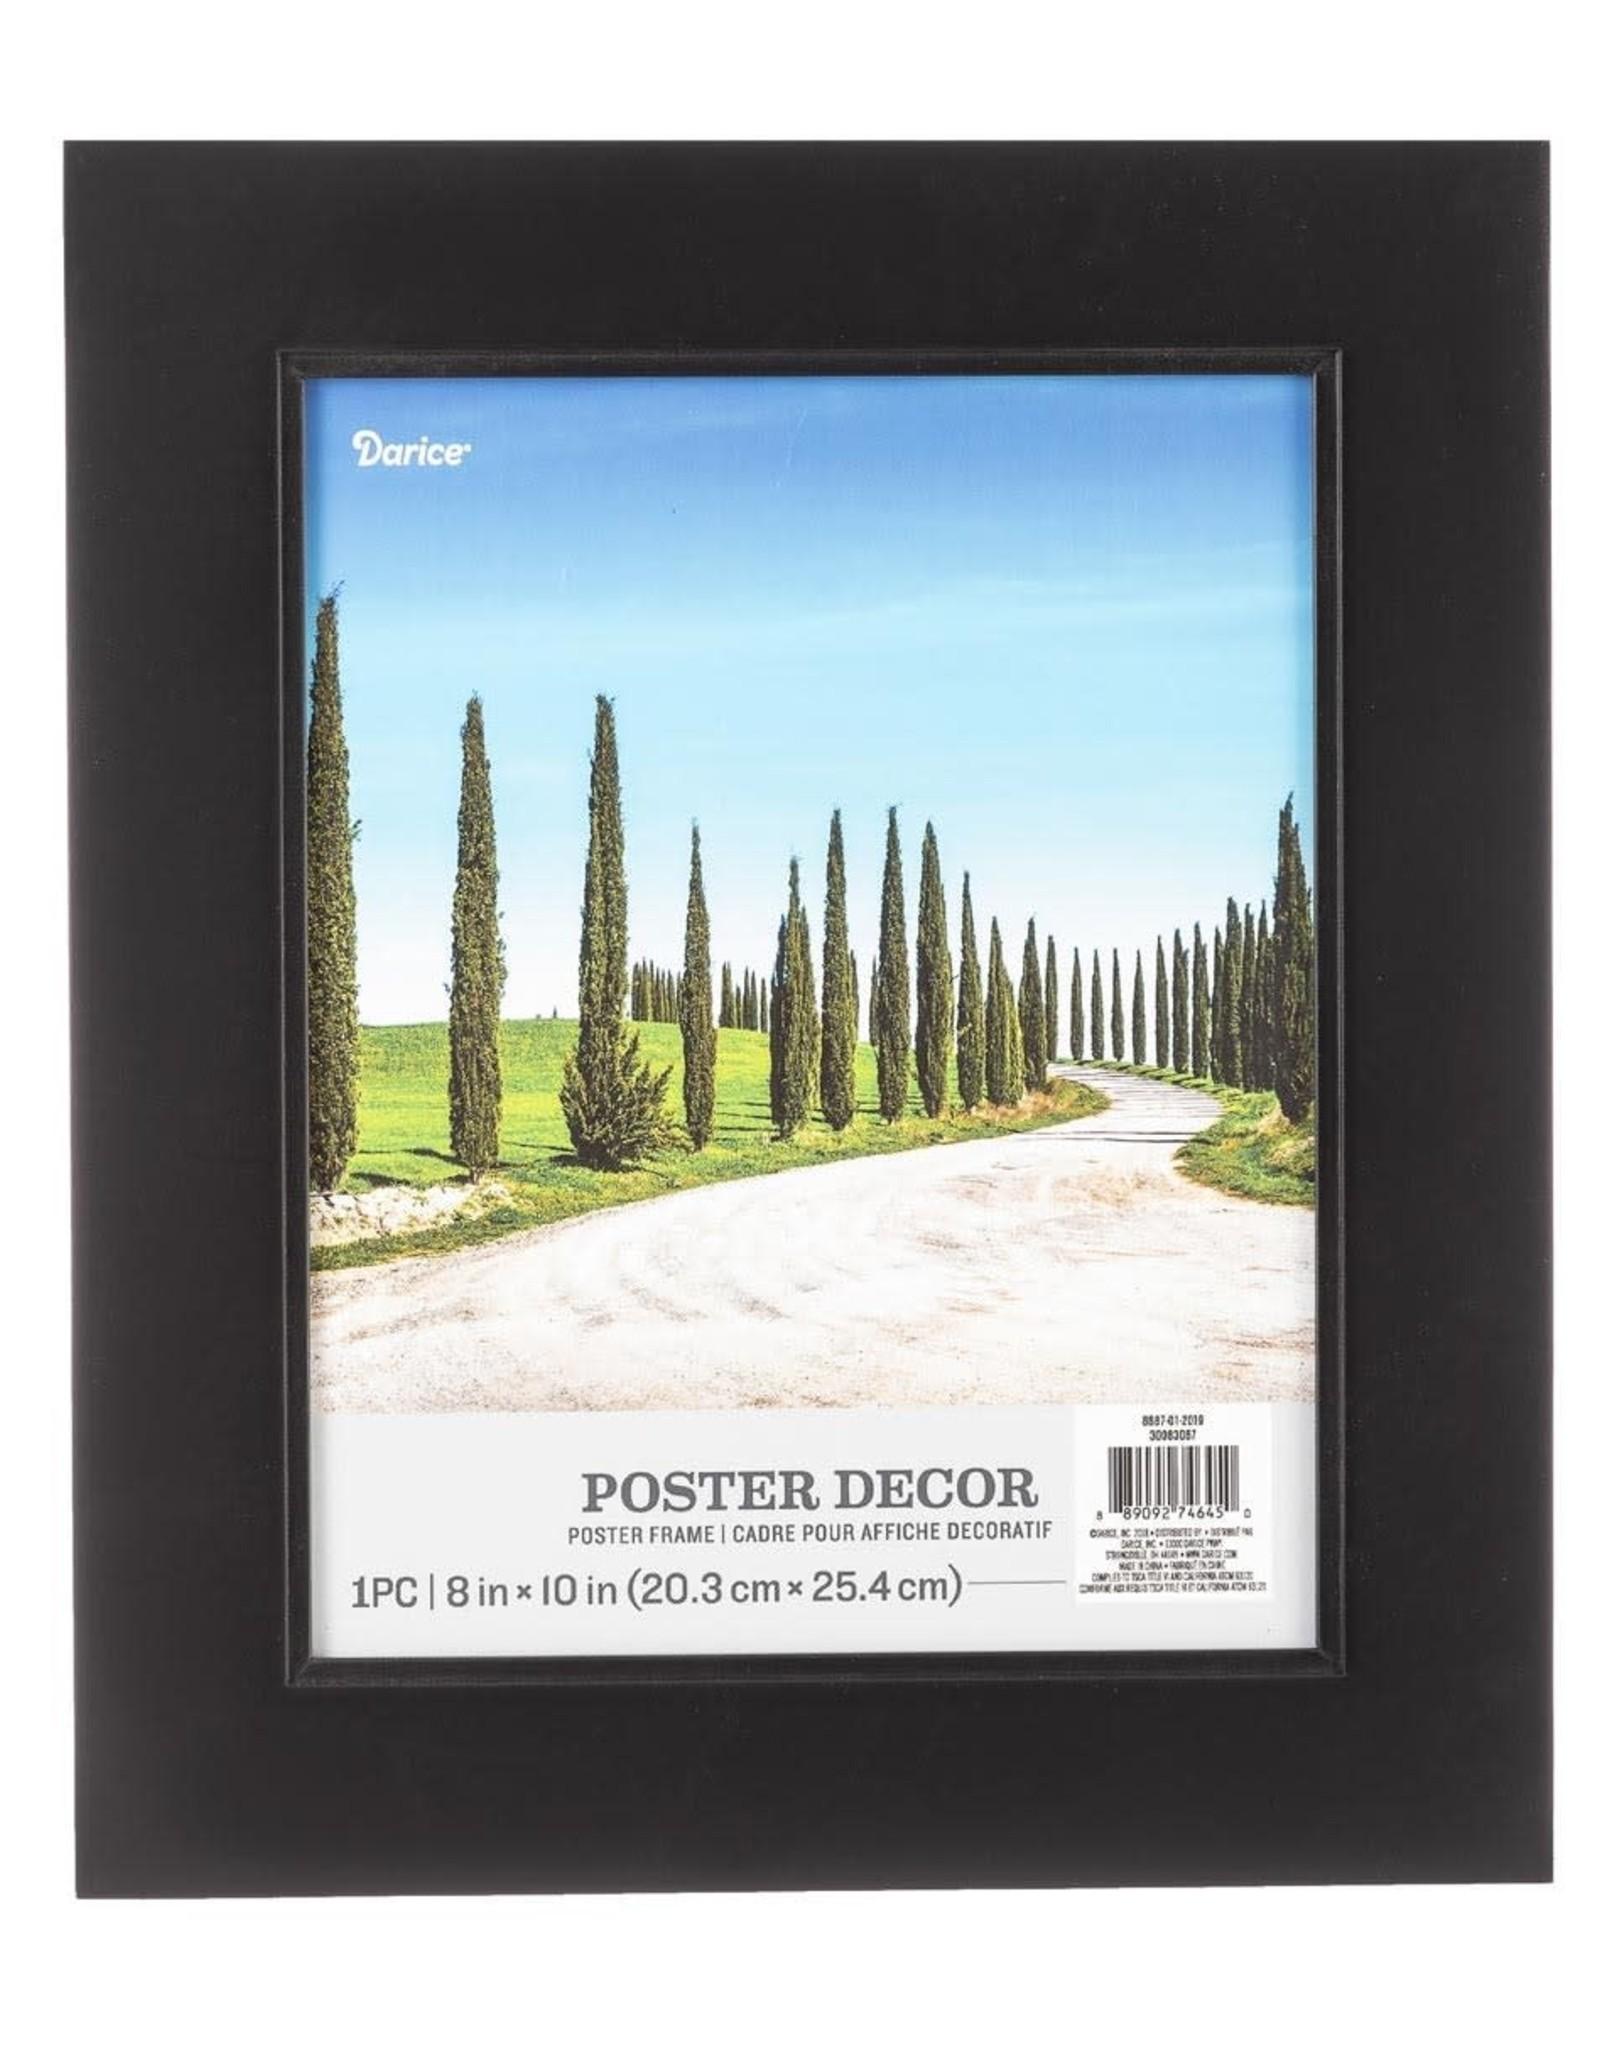 Darice 8 x 10 Poster Frame In Black 11.25x13.25 Inch